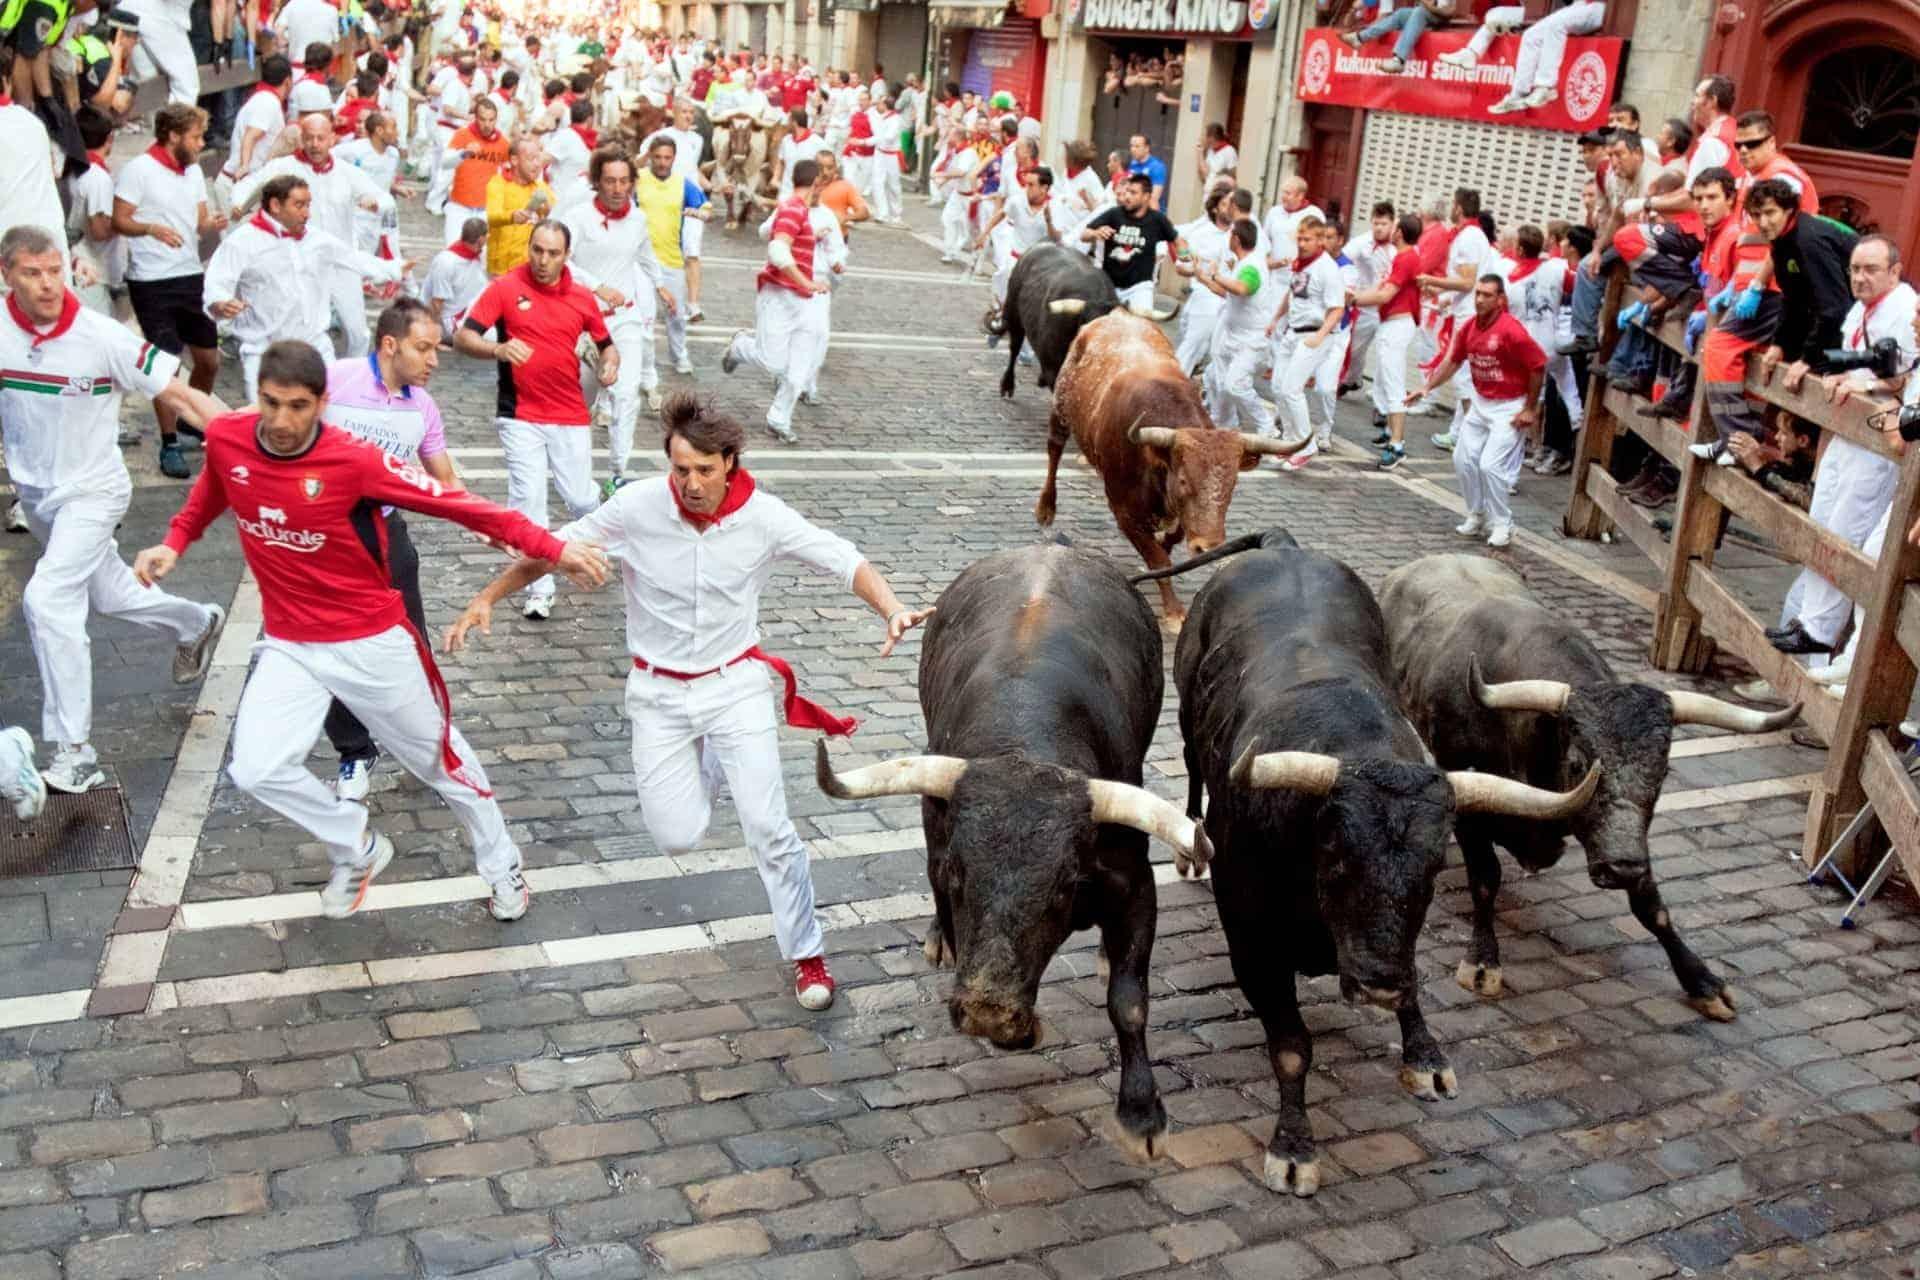 Pamplona Spain bulls